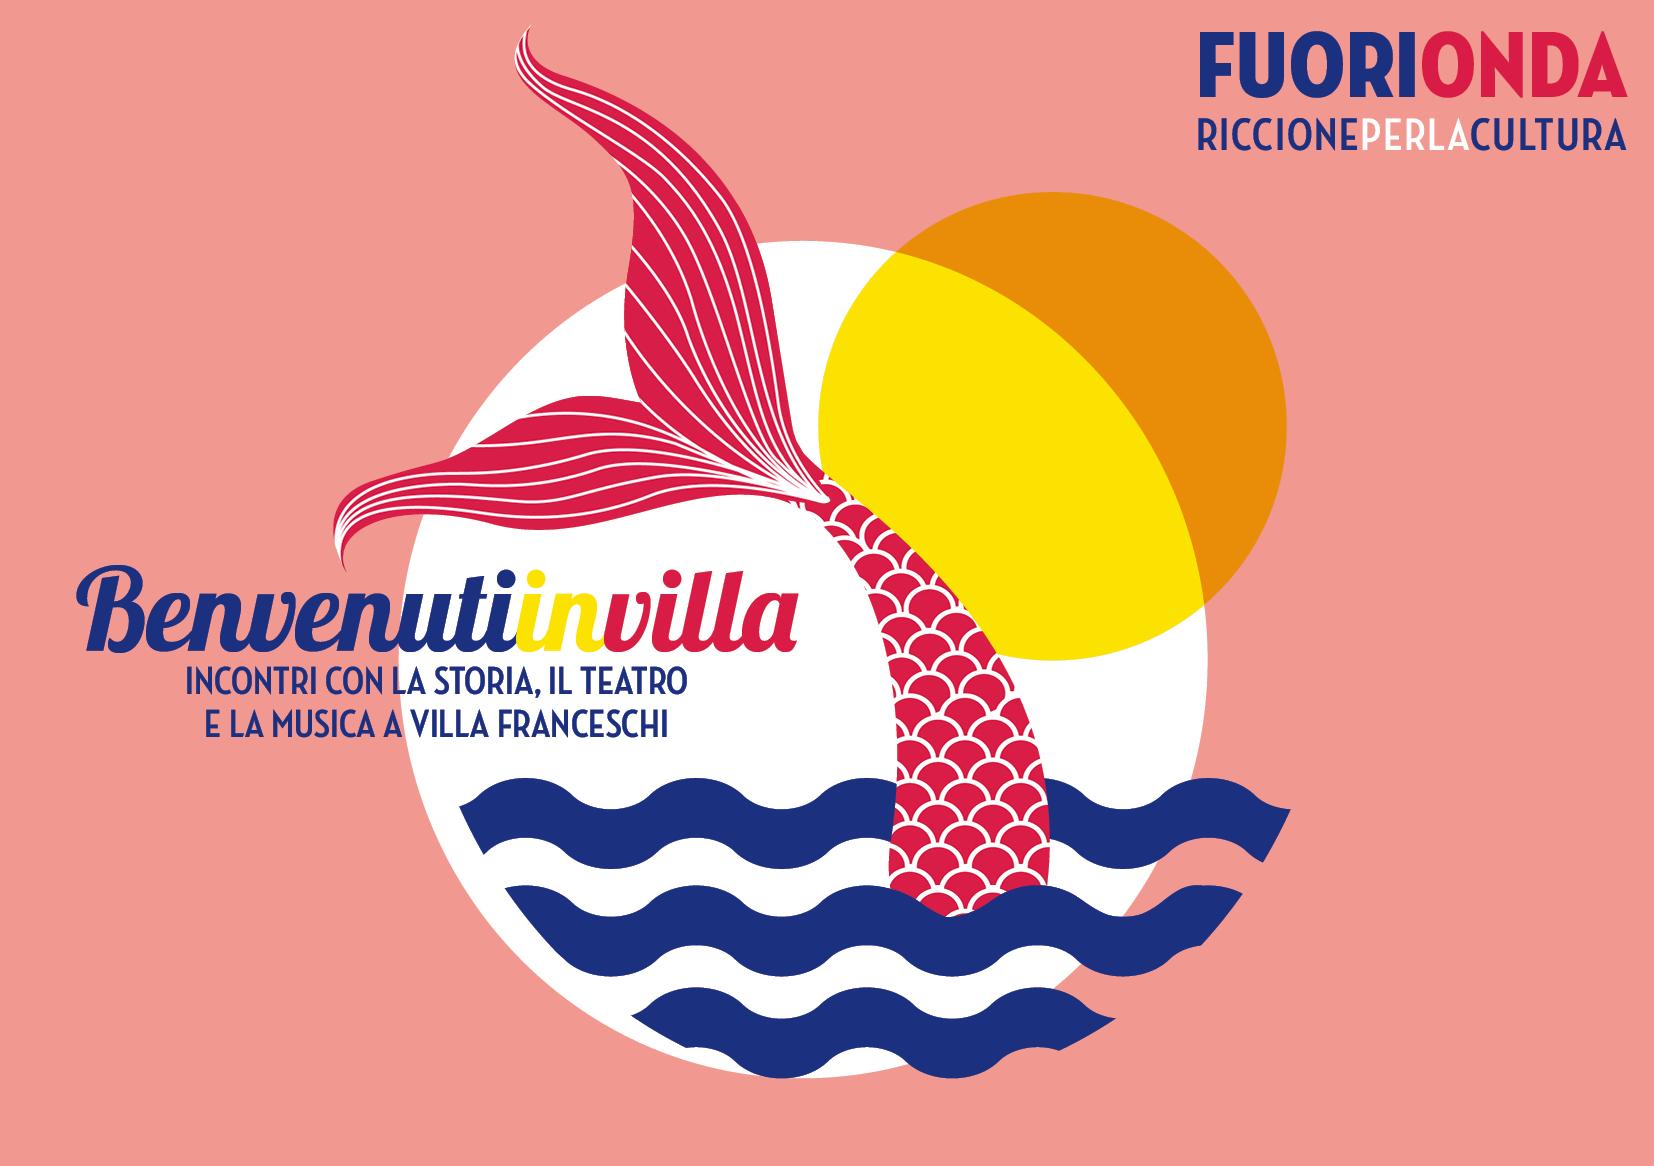 BENVENUTI IN VILLA - Incontri di storia, teatro e musica a Villa Franceschi